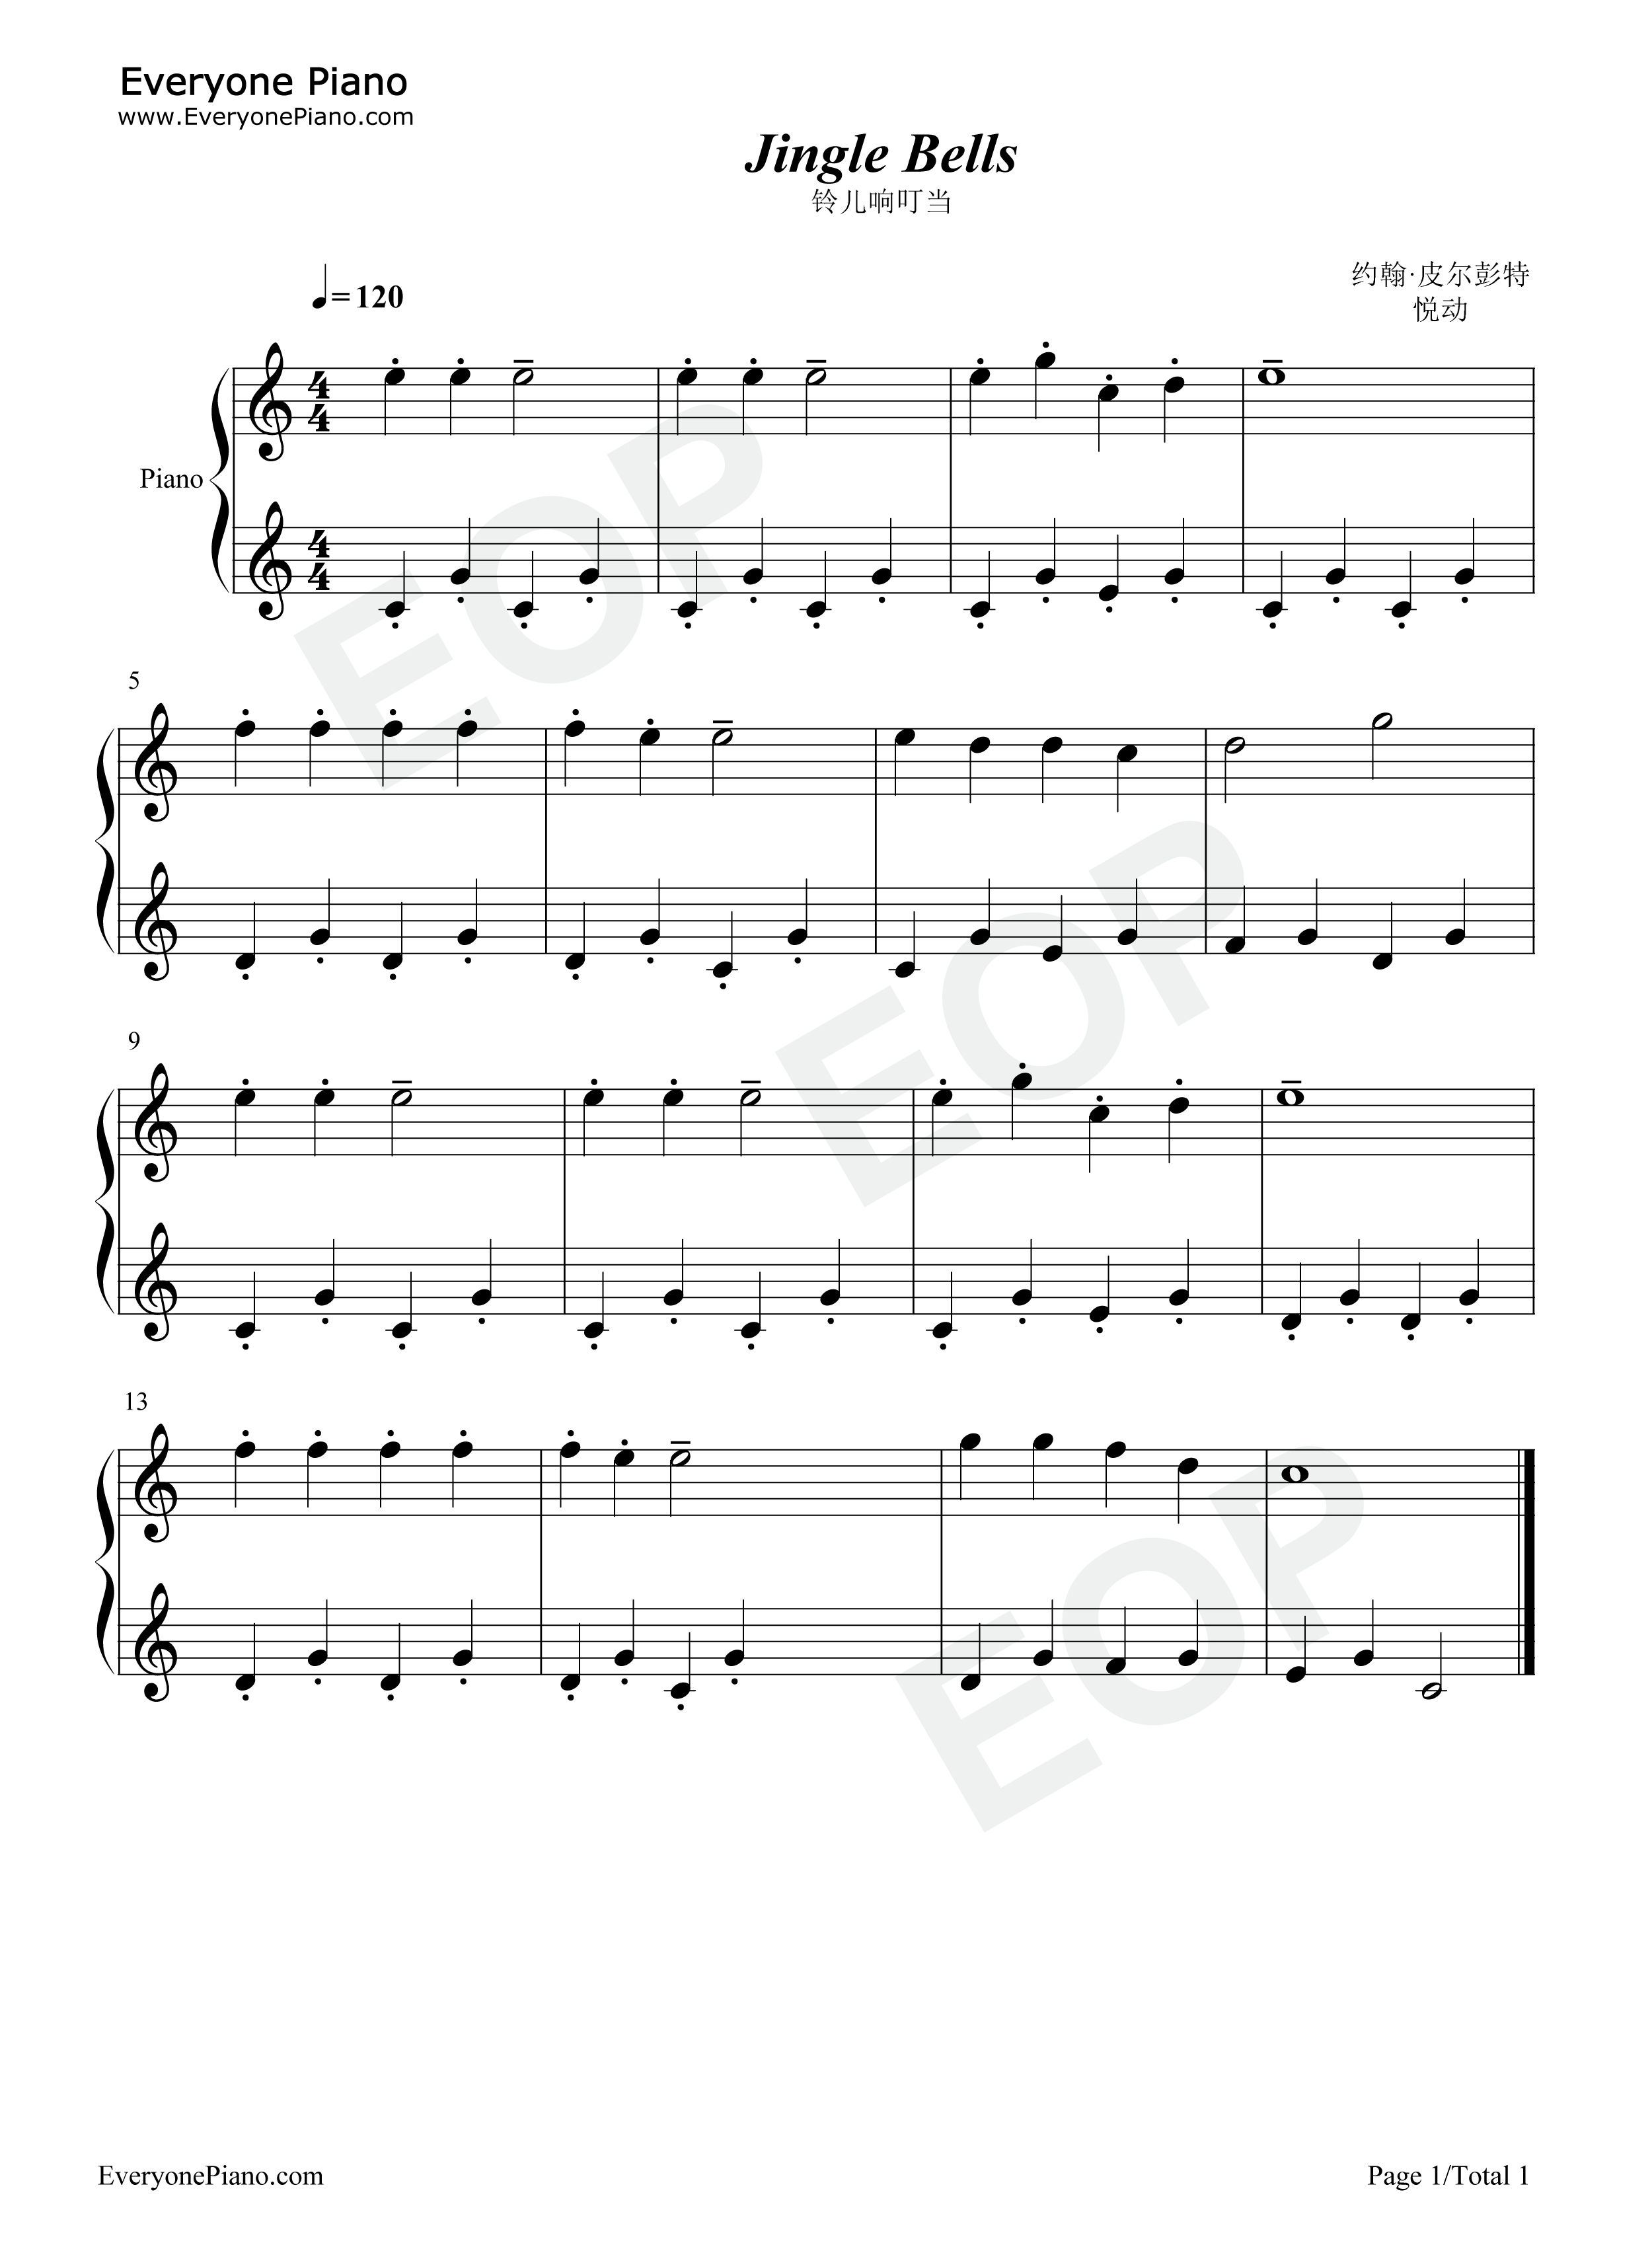 铃儿响叮当-jingle bells五线谱预览1